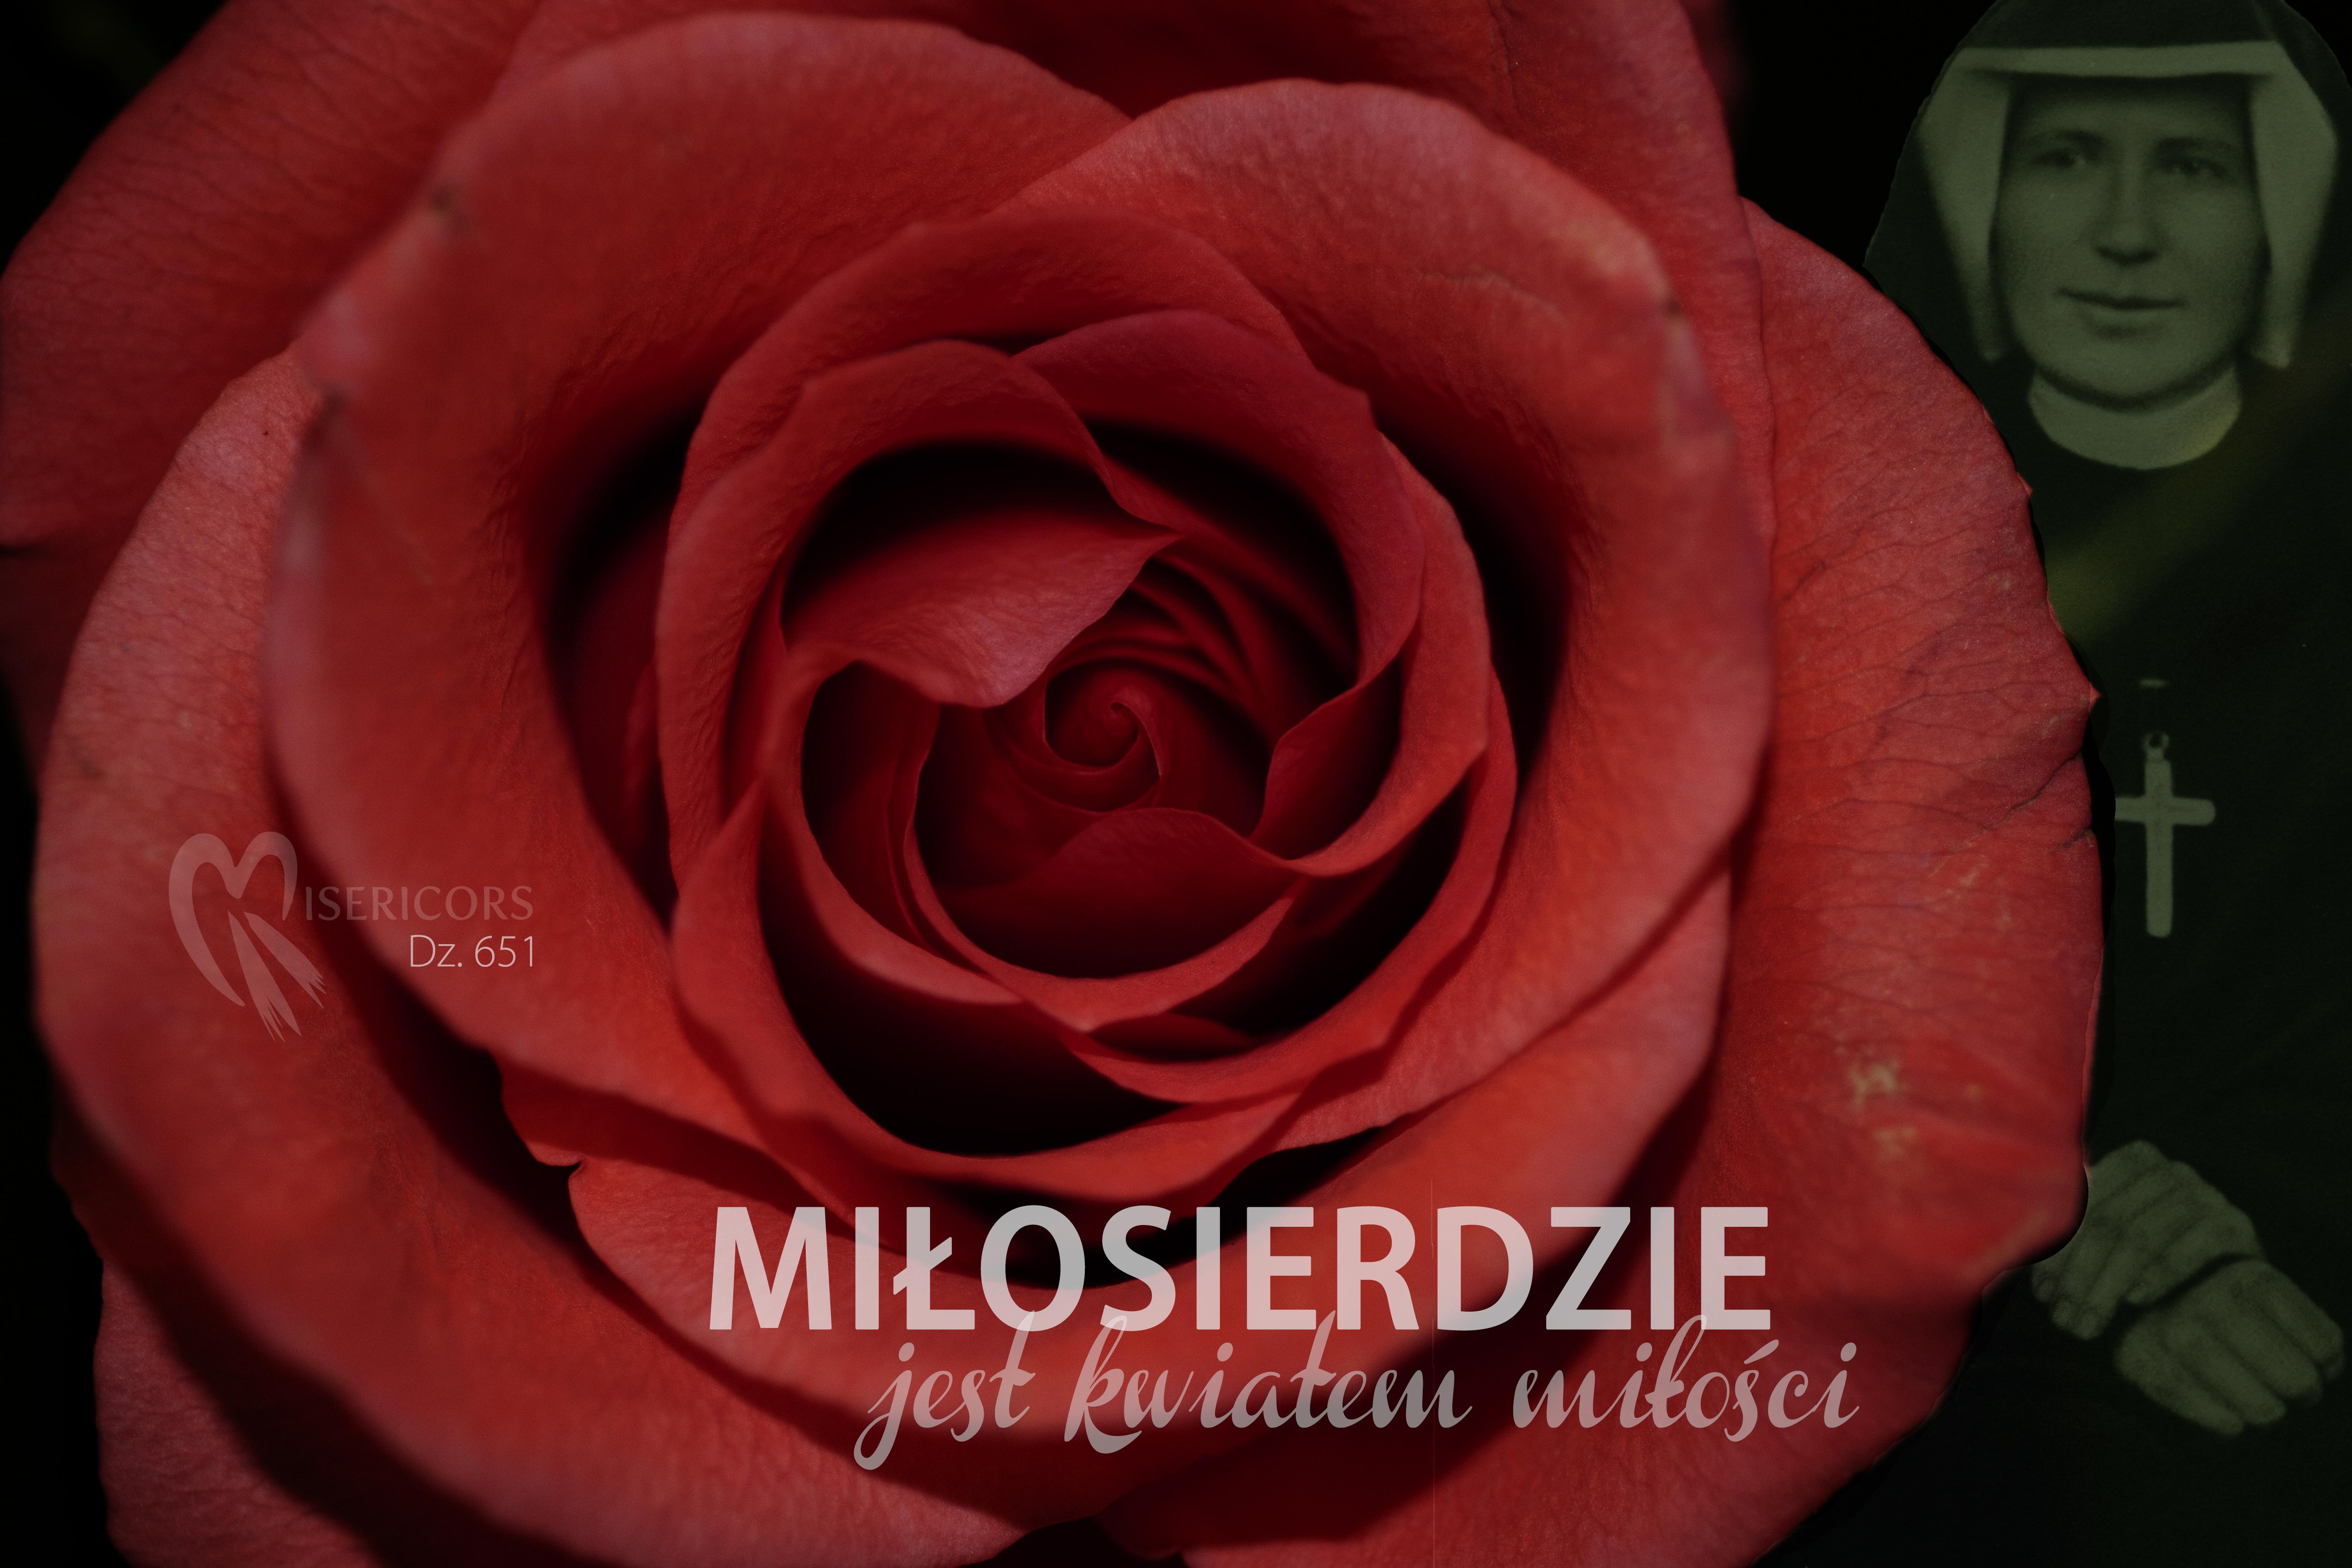 róża miłosierdzie kwiatem